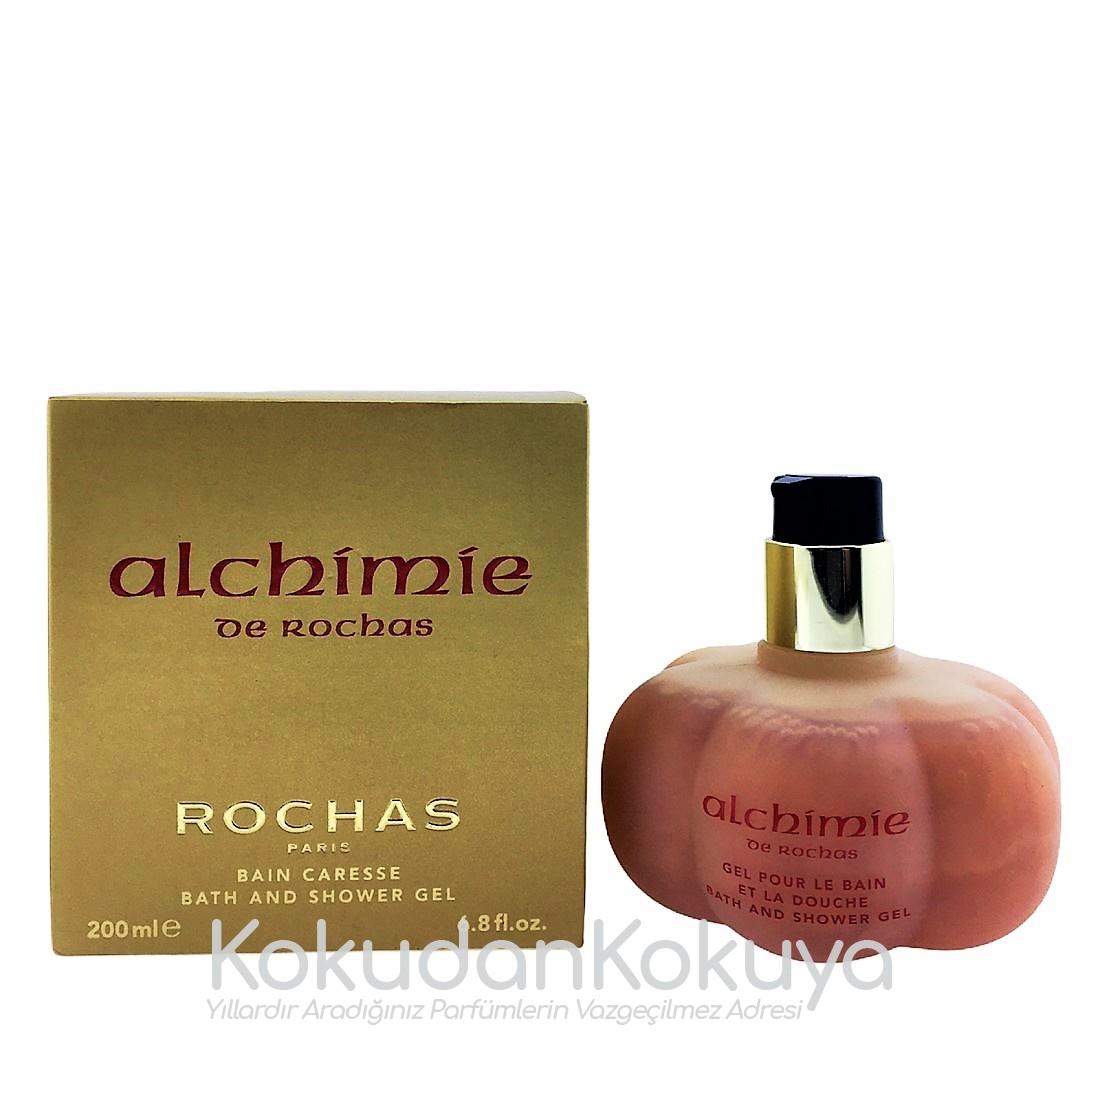 ROCHAS Alchimie (Vintage) Banyo Ürünleri Kadın 200ml Duş Jeli